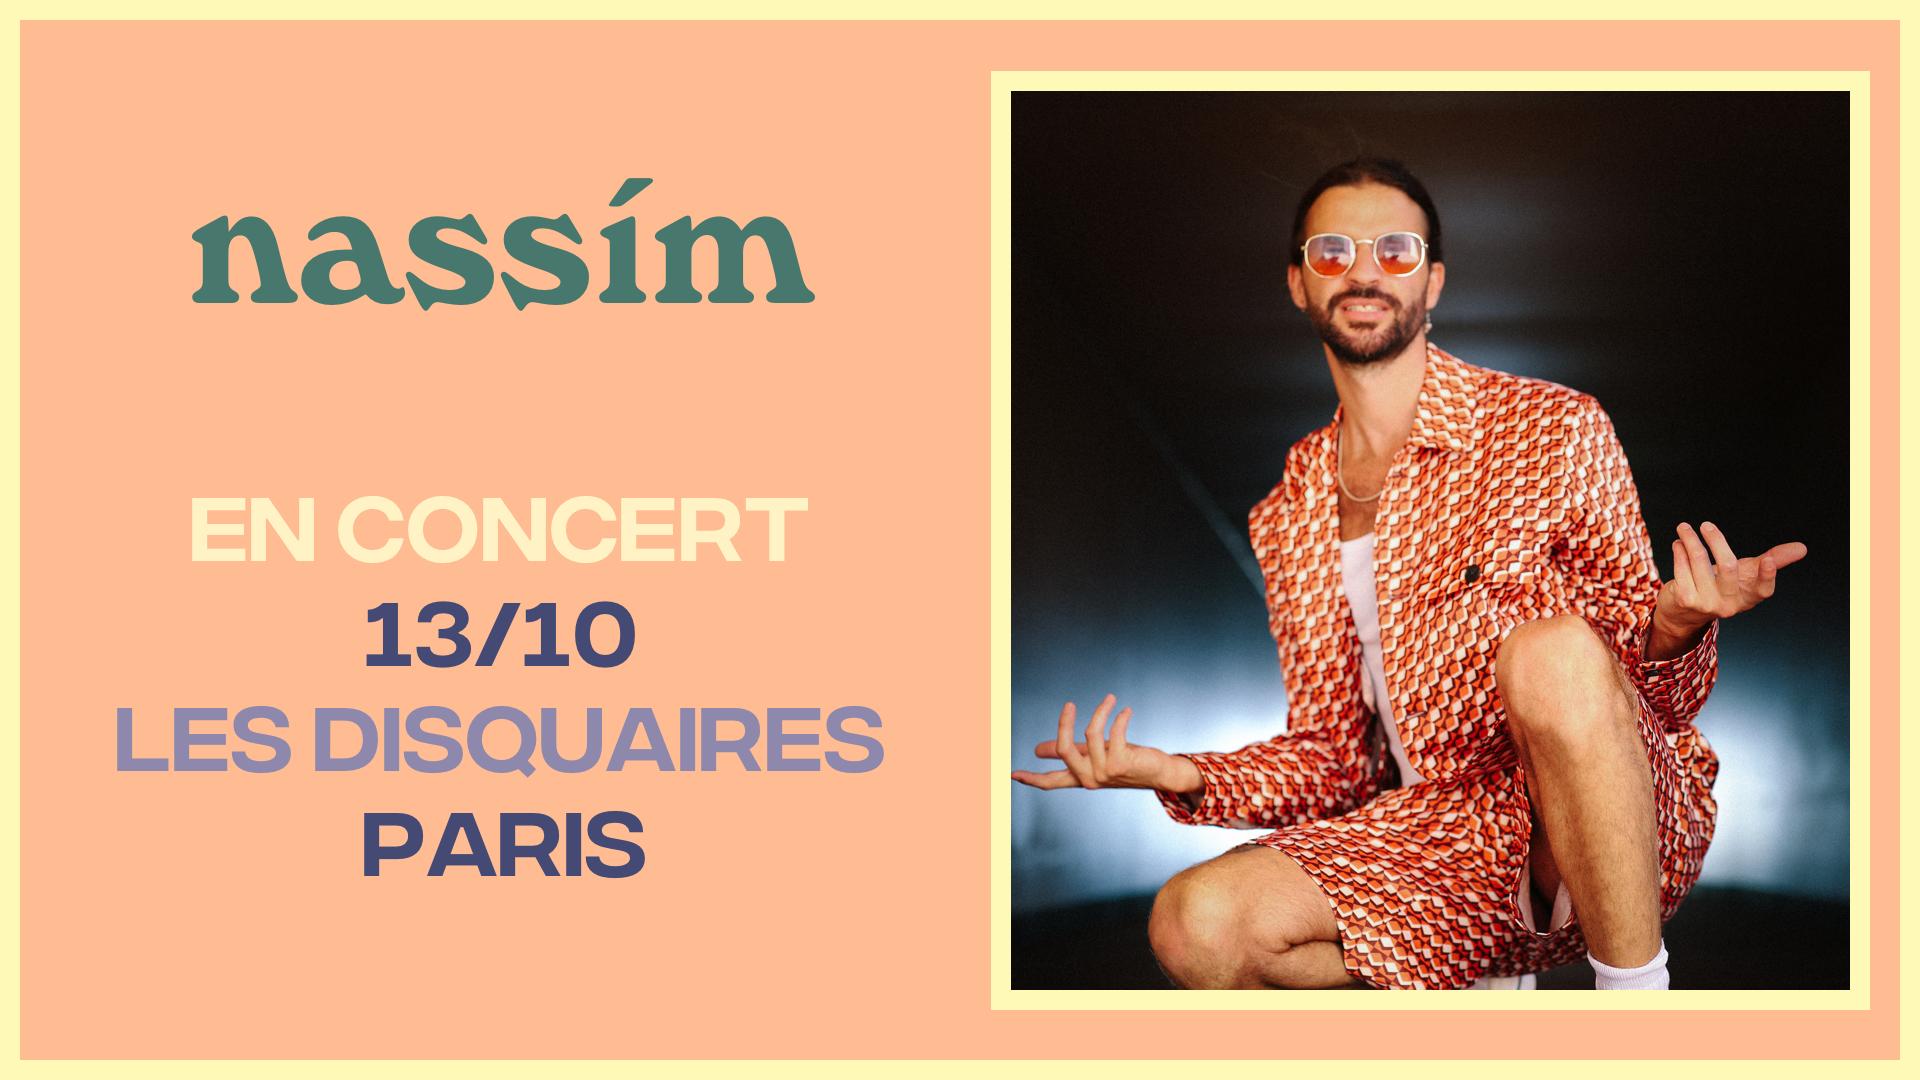 Concert nassím - Les Disquaires - 13/10